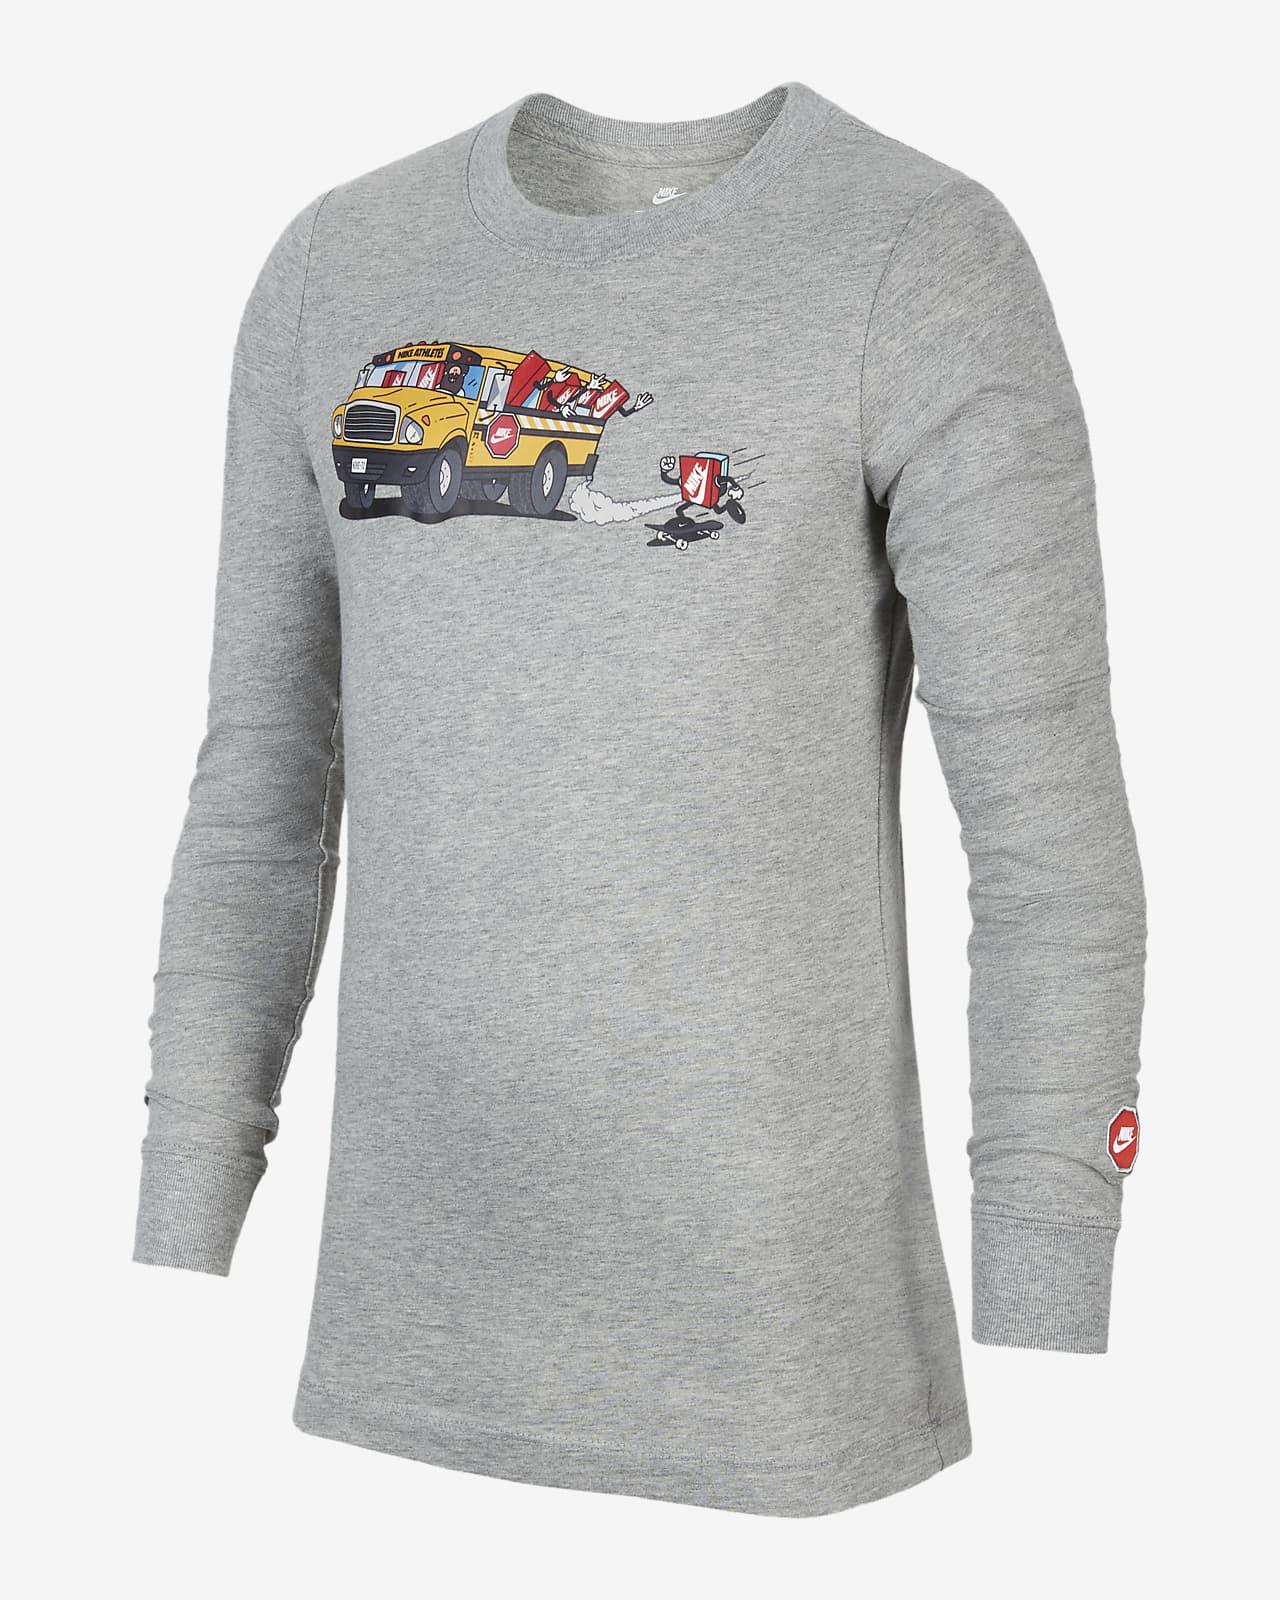 ナイキ スポーツウェア ジュニア ロングスリーブ Tシャツ